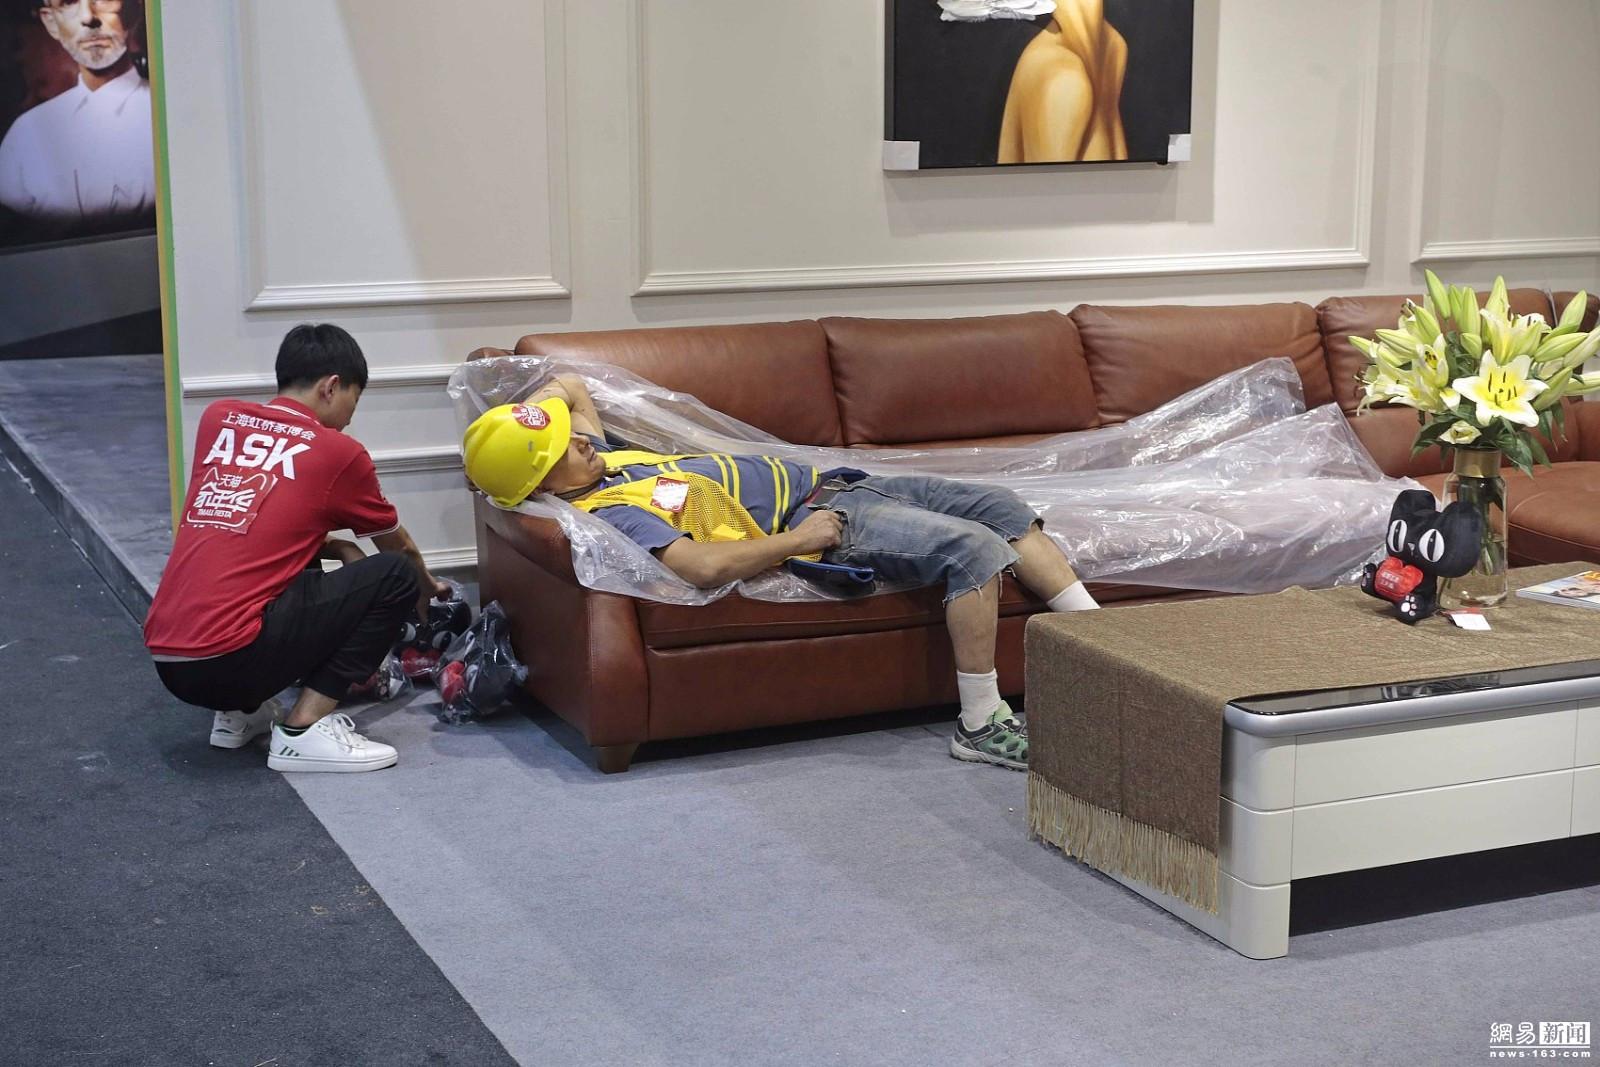 工人熬夜布展躺沙发睡着 展商不忍叫醒 - 周公乐 - xinhua8848 的博客